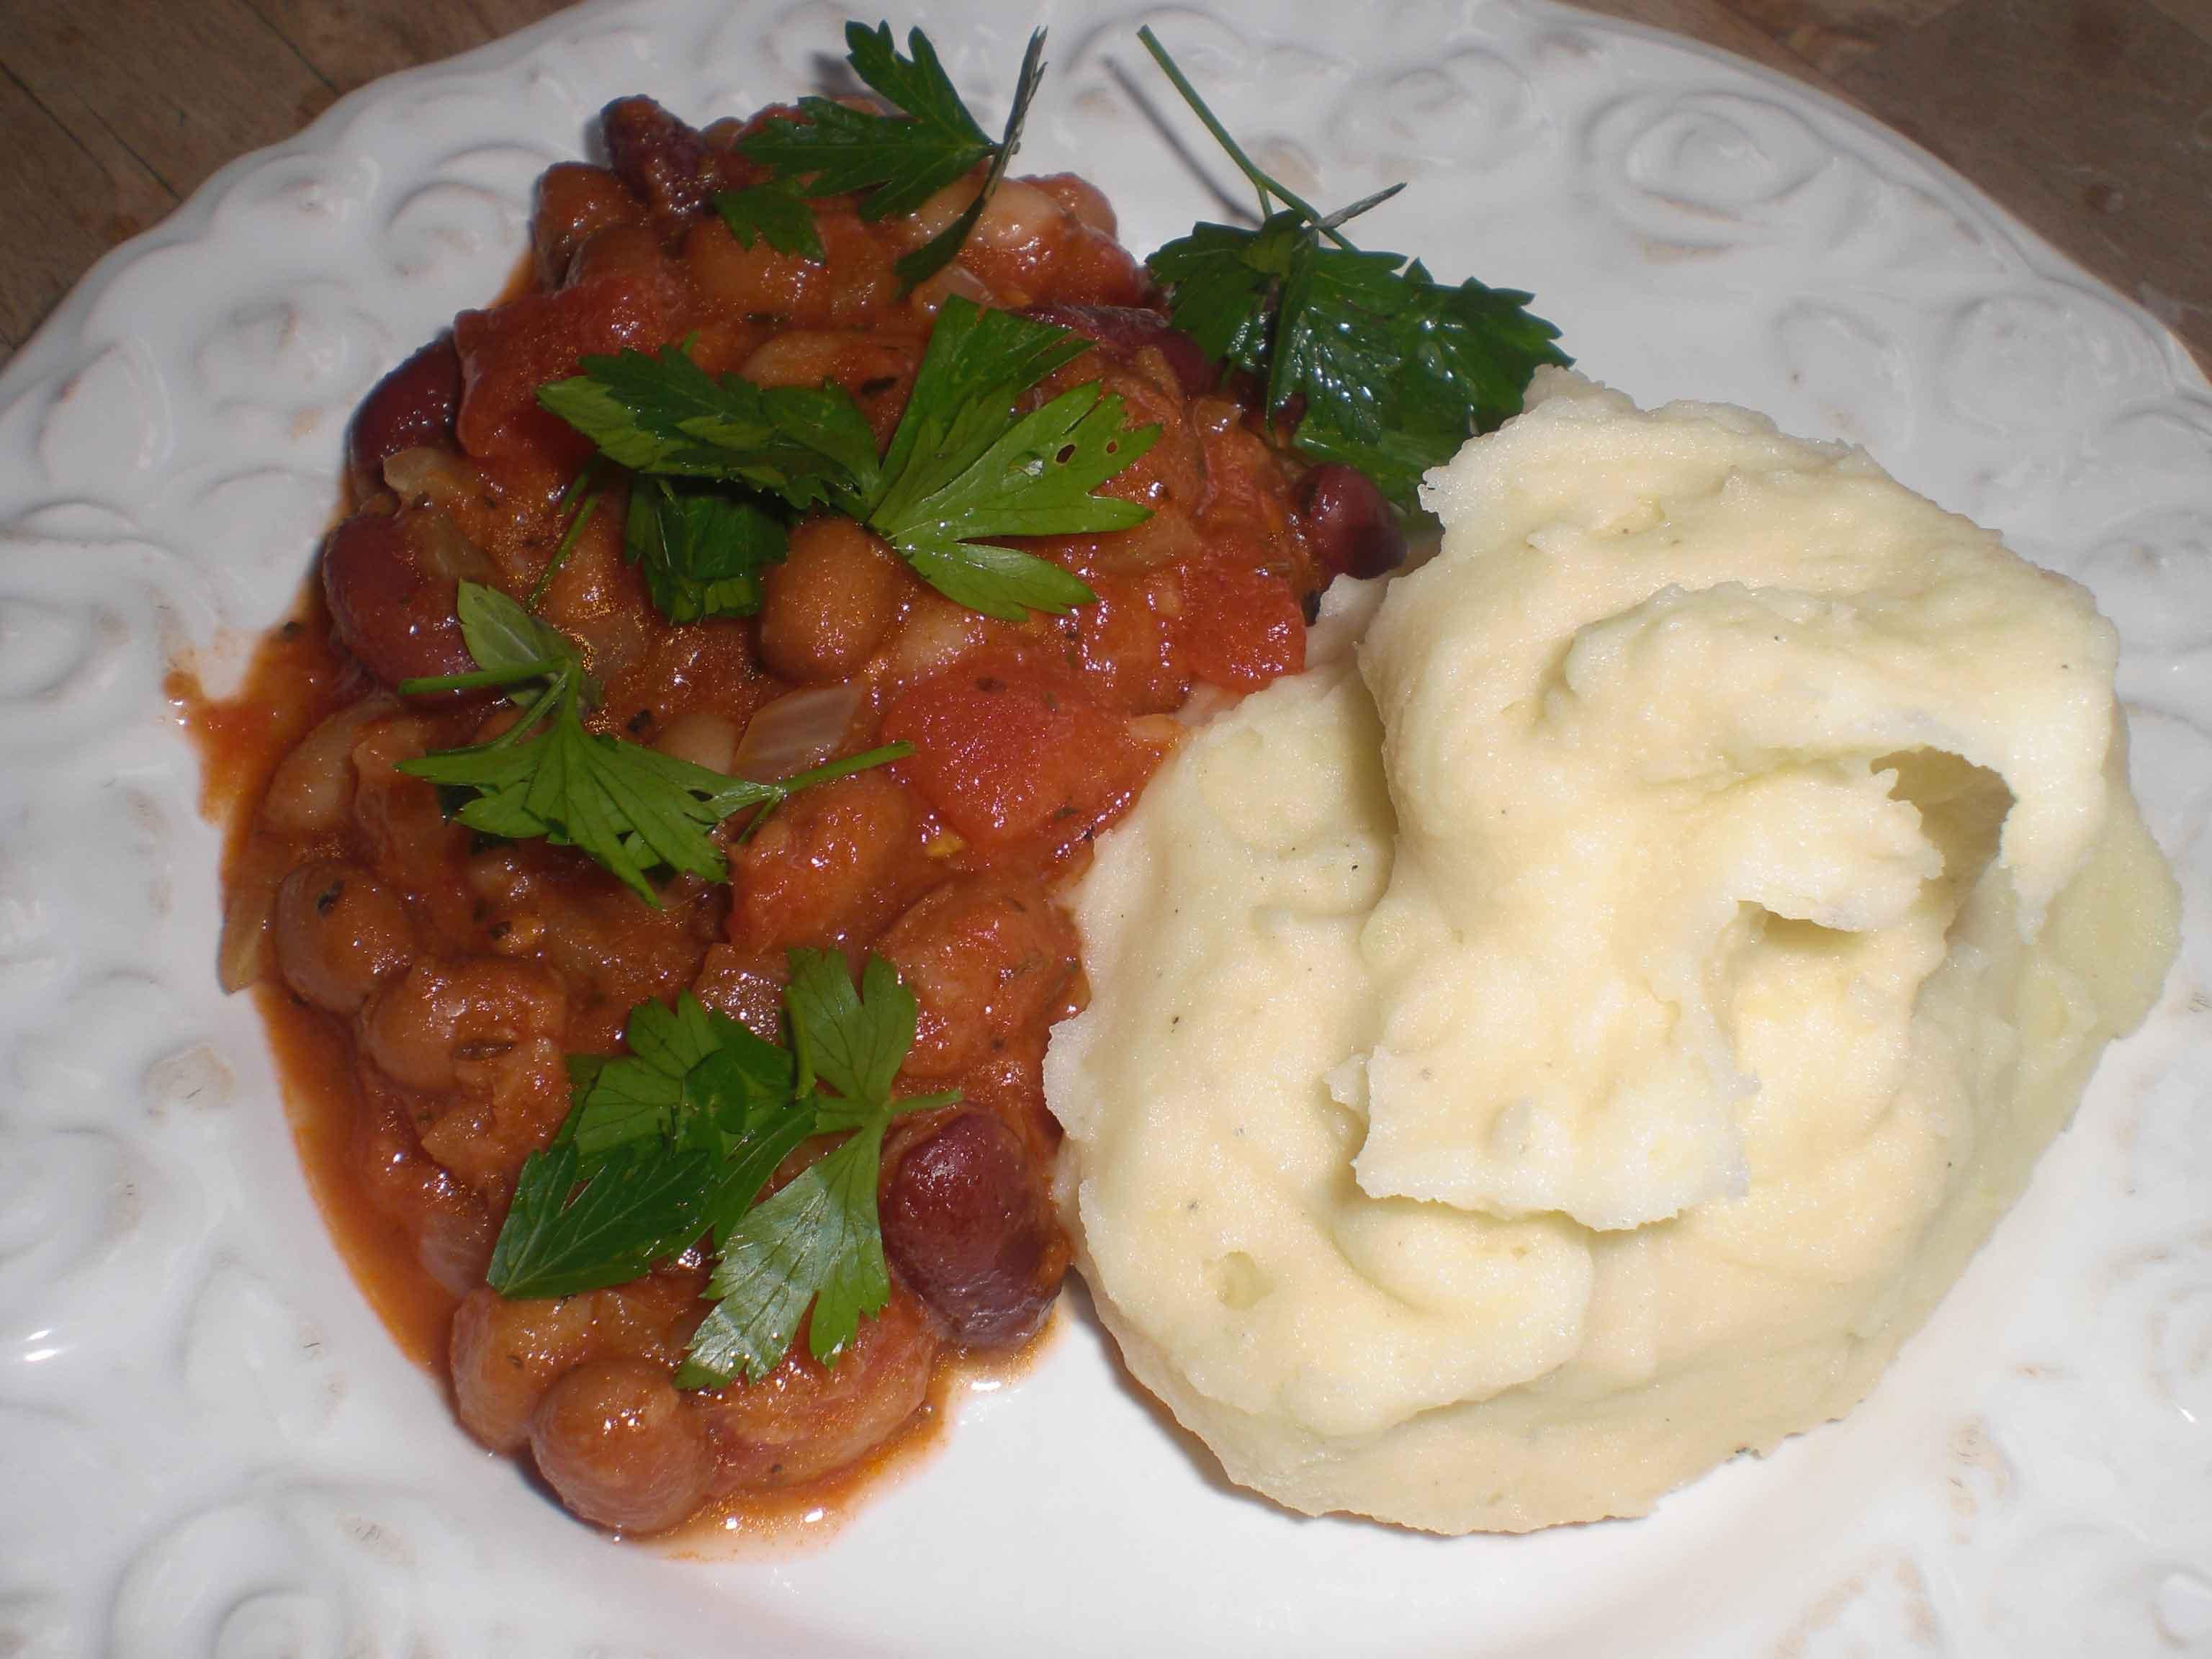 Bønnegryde med cremet kartoffelmos